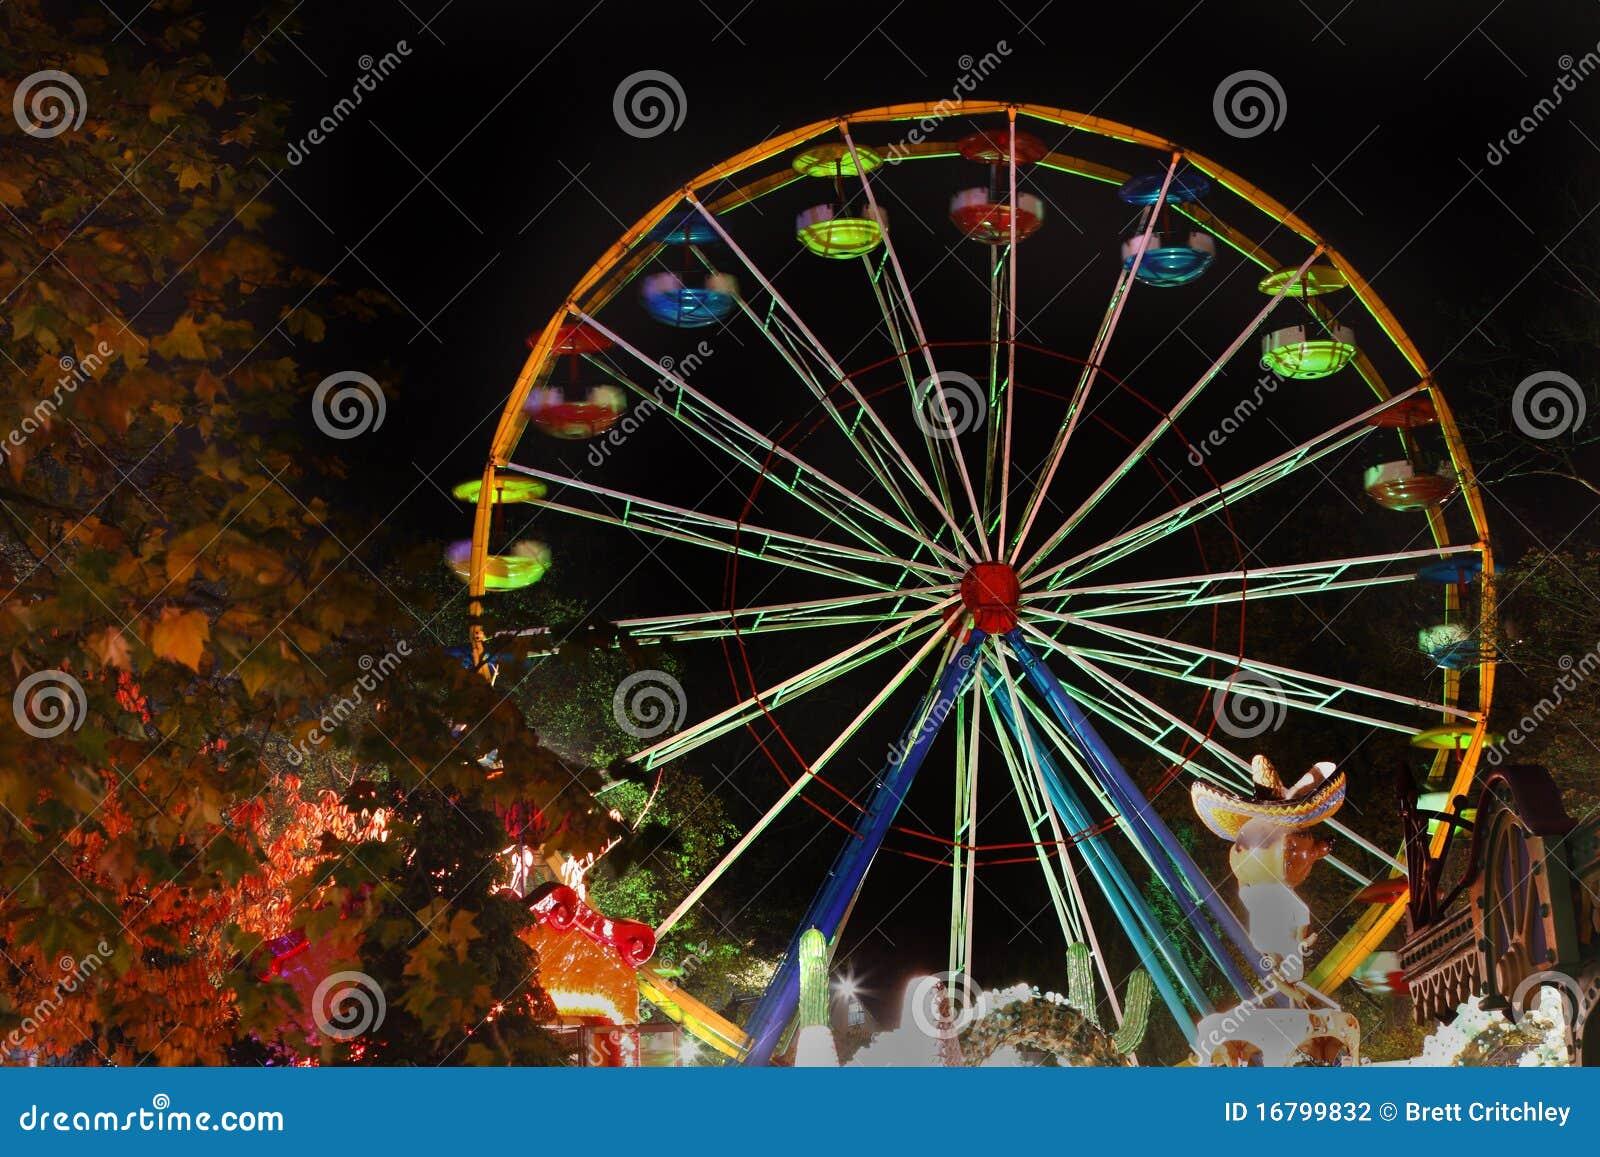 Feria de diversión en la noche